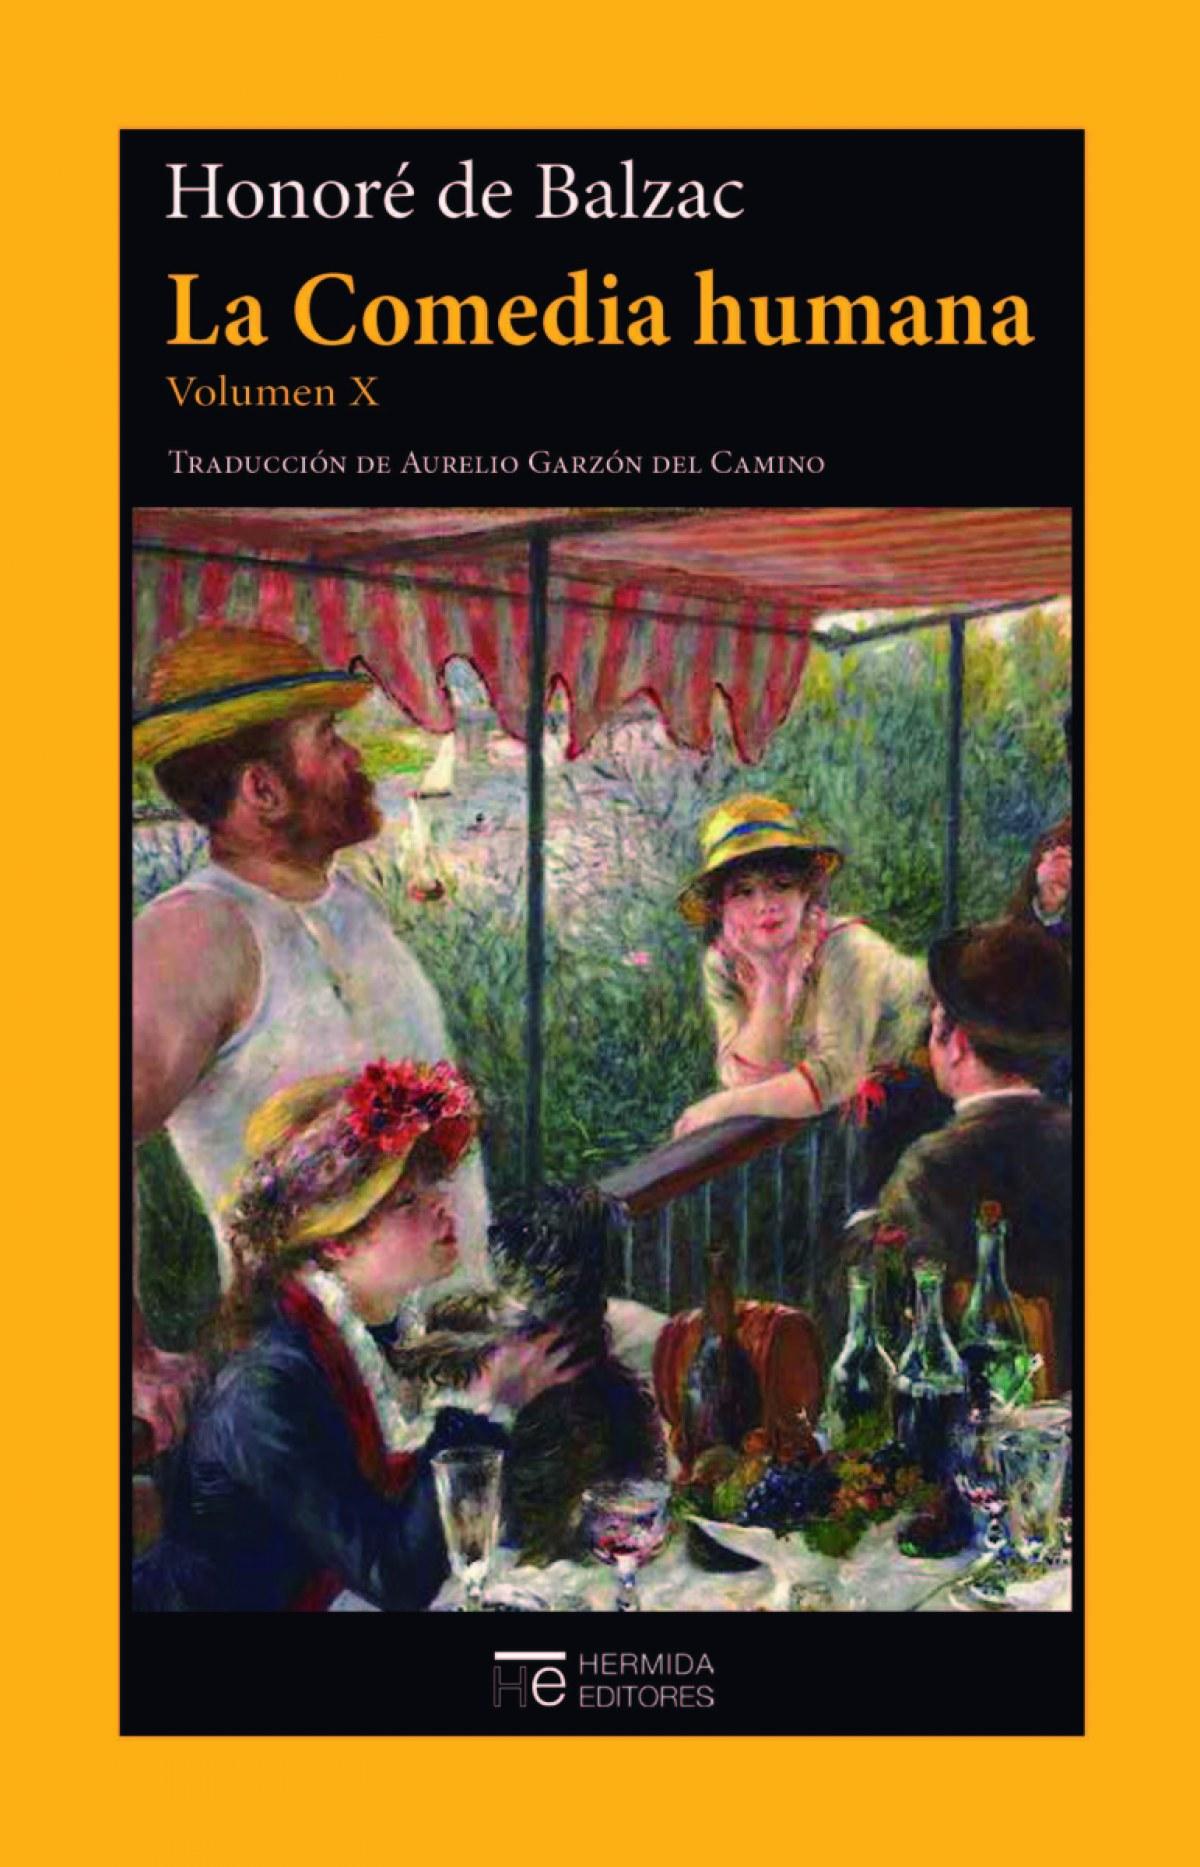 La Comedia humana. Volumen X 9788412123555